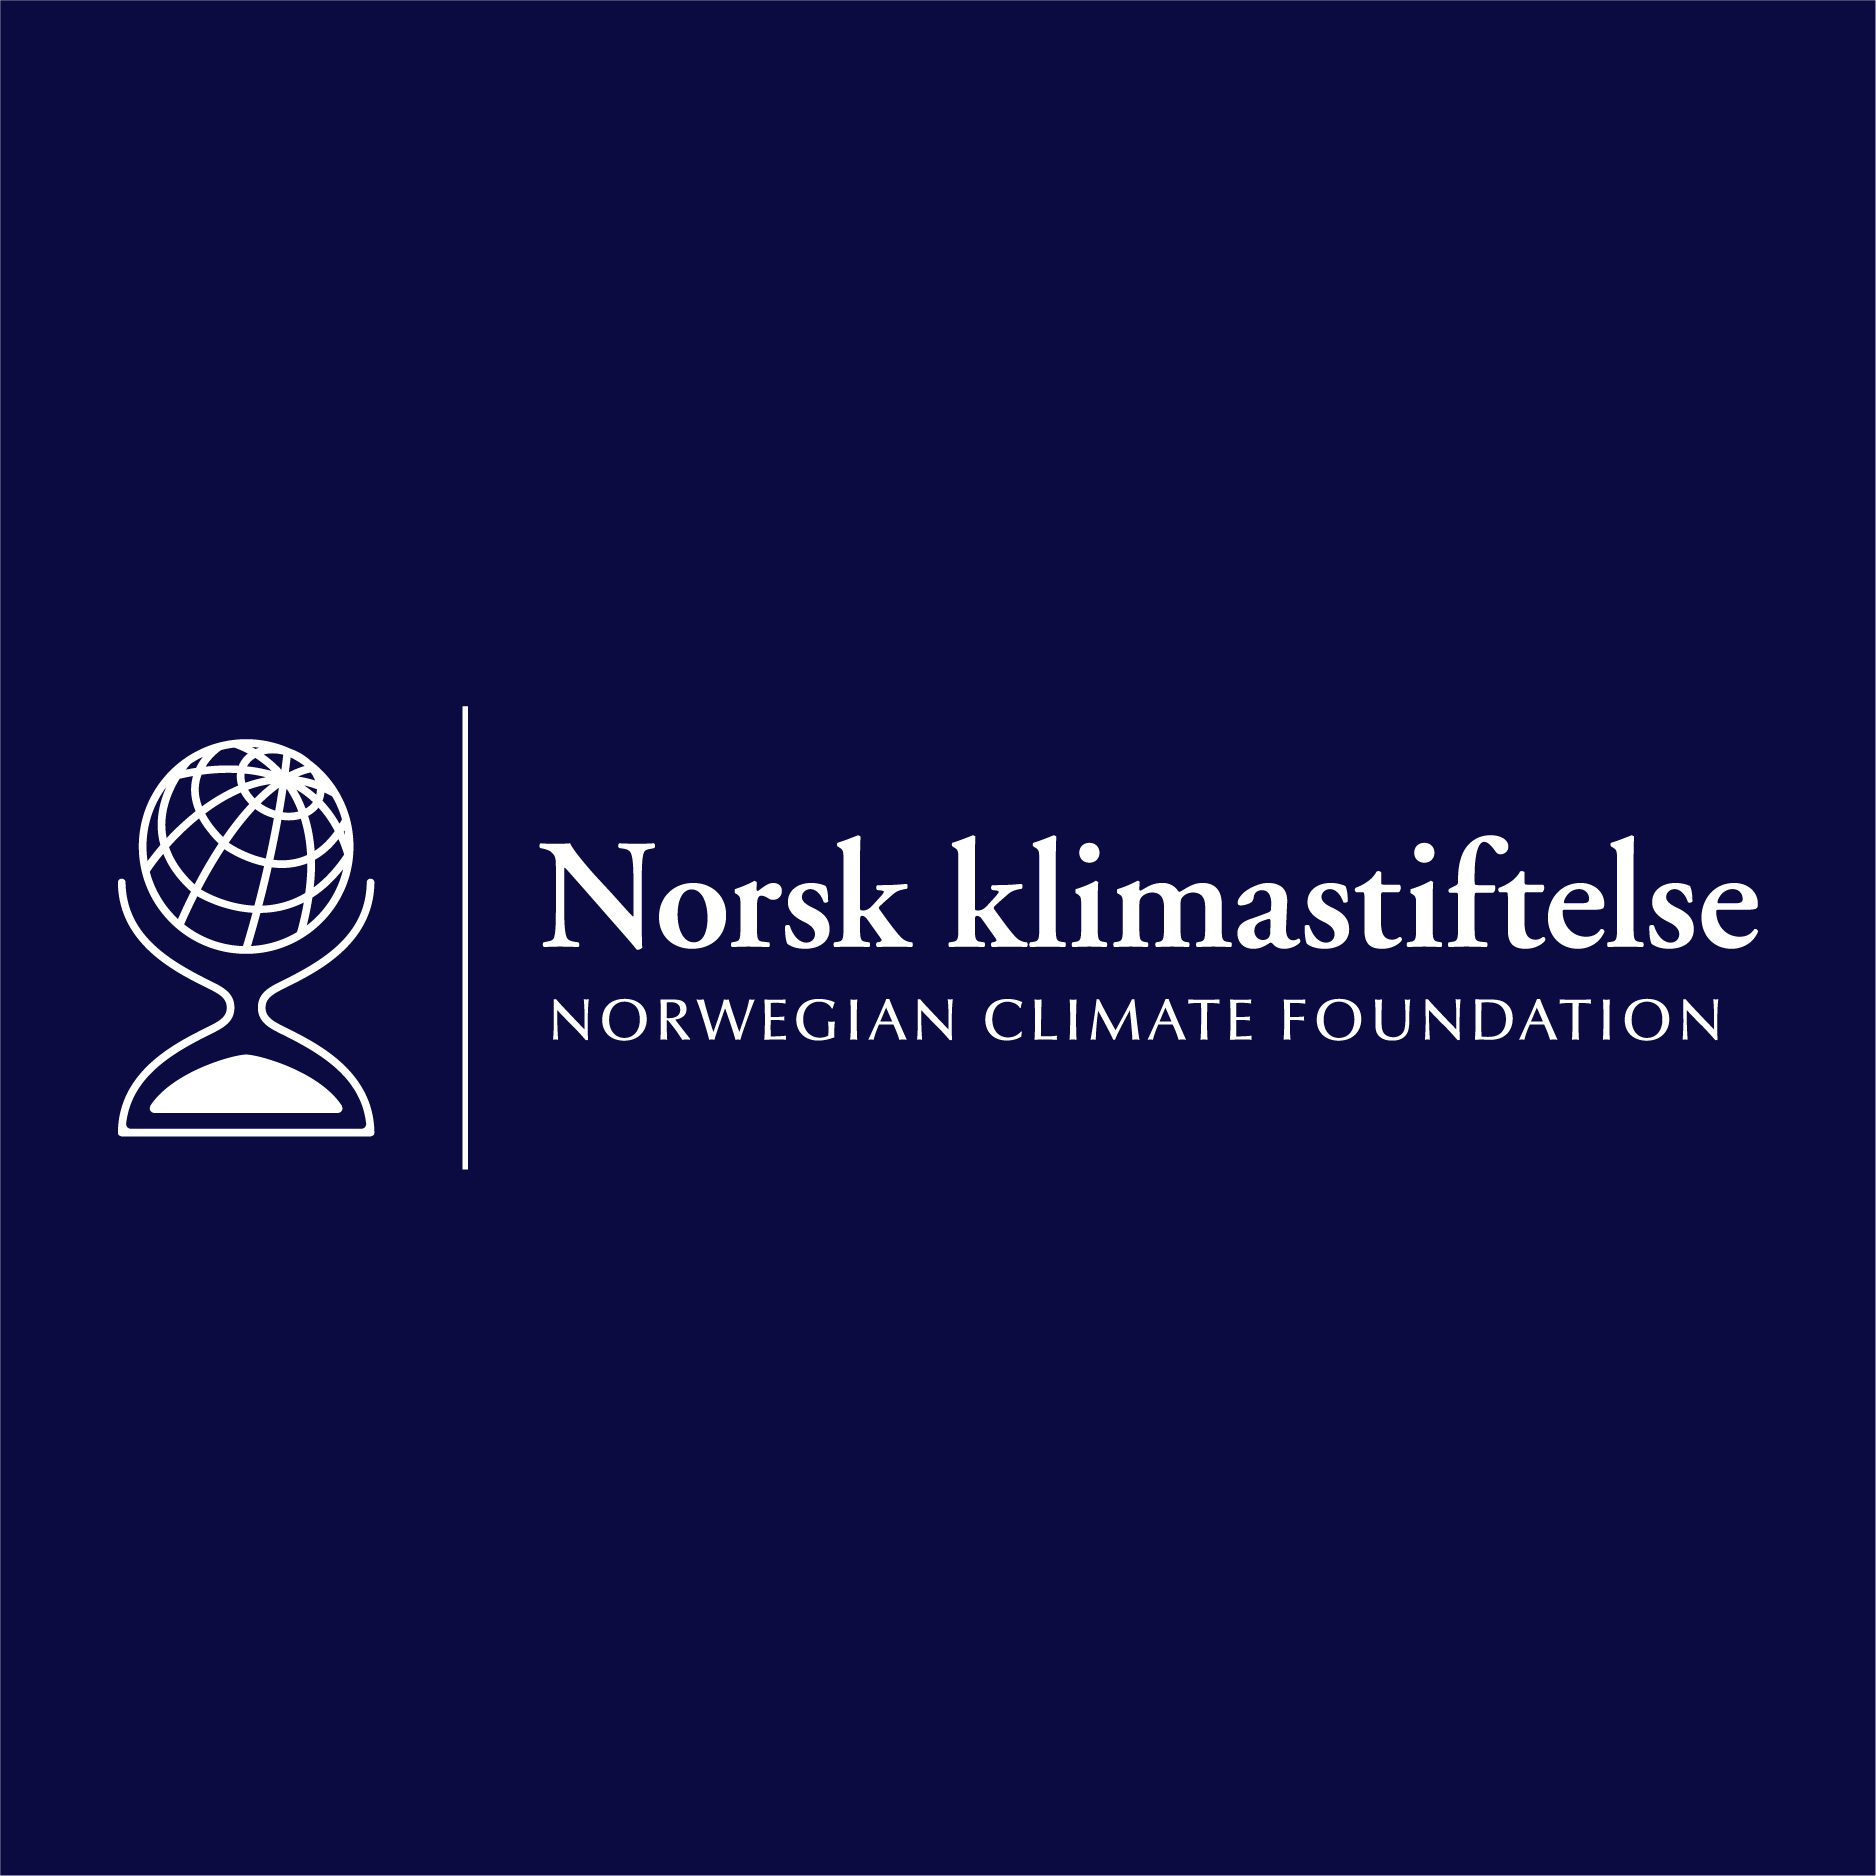 Norsk klimastiftelse